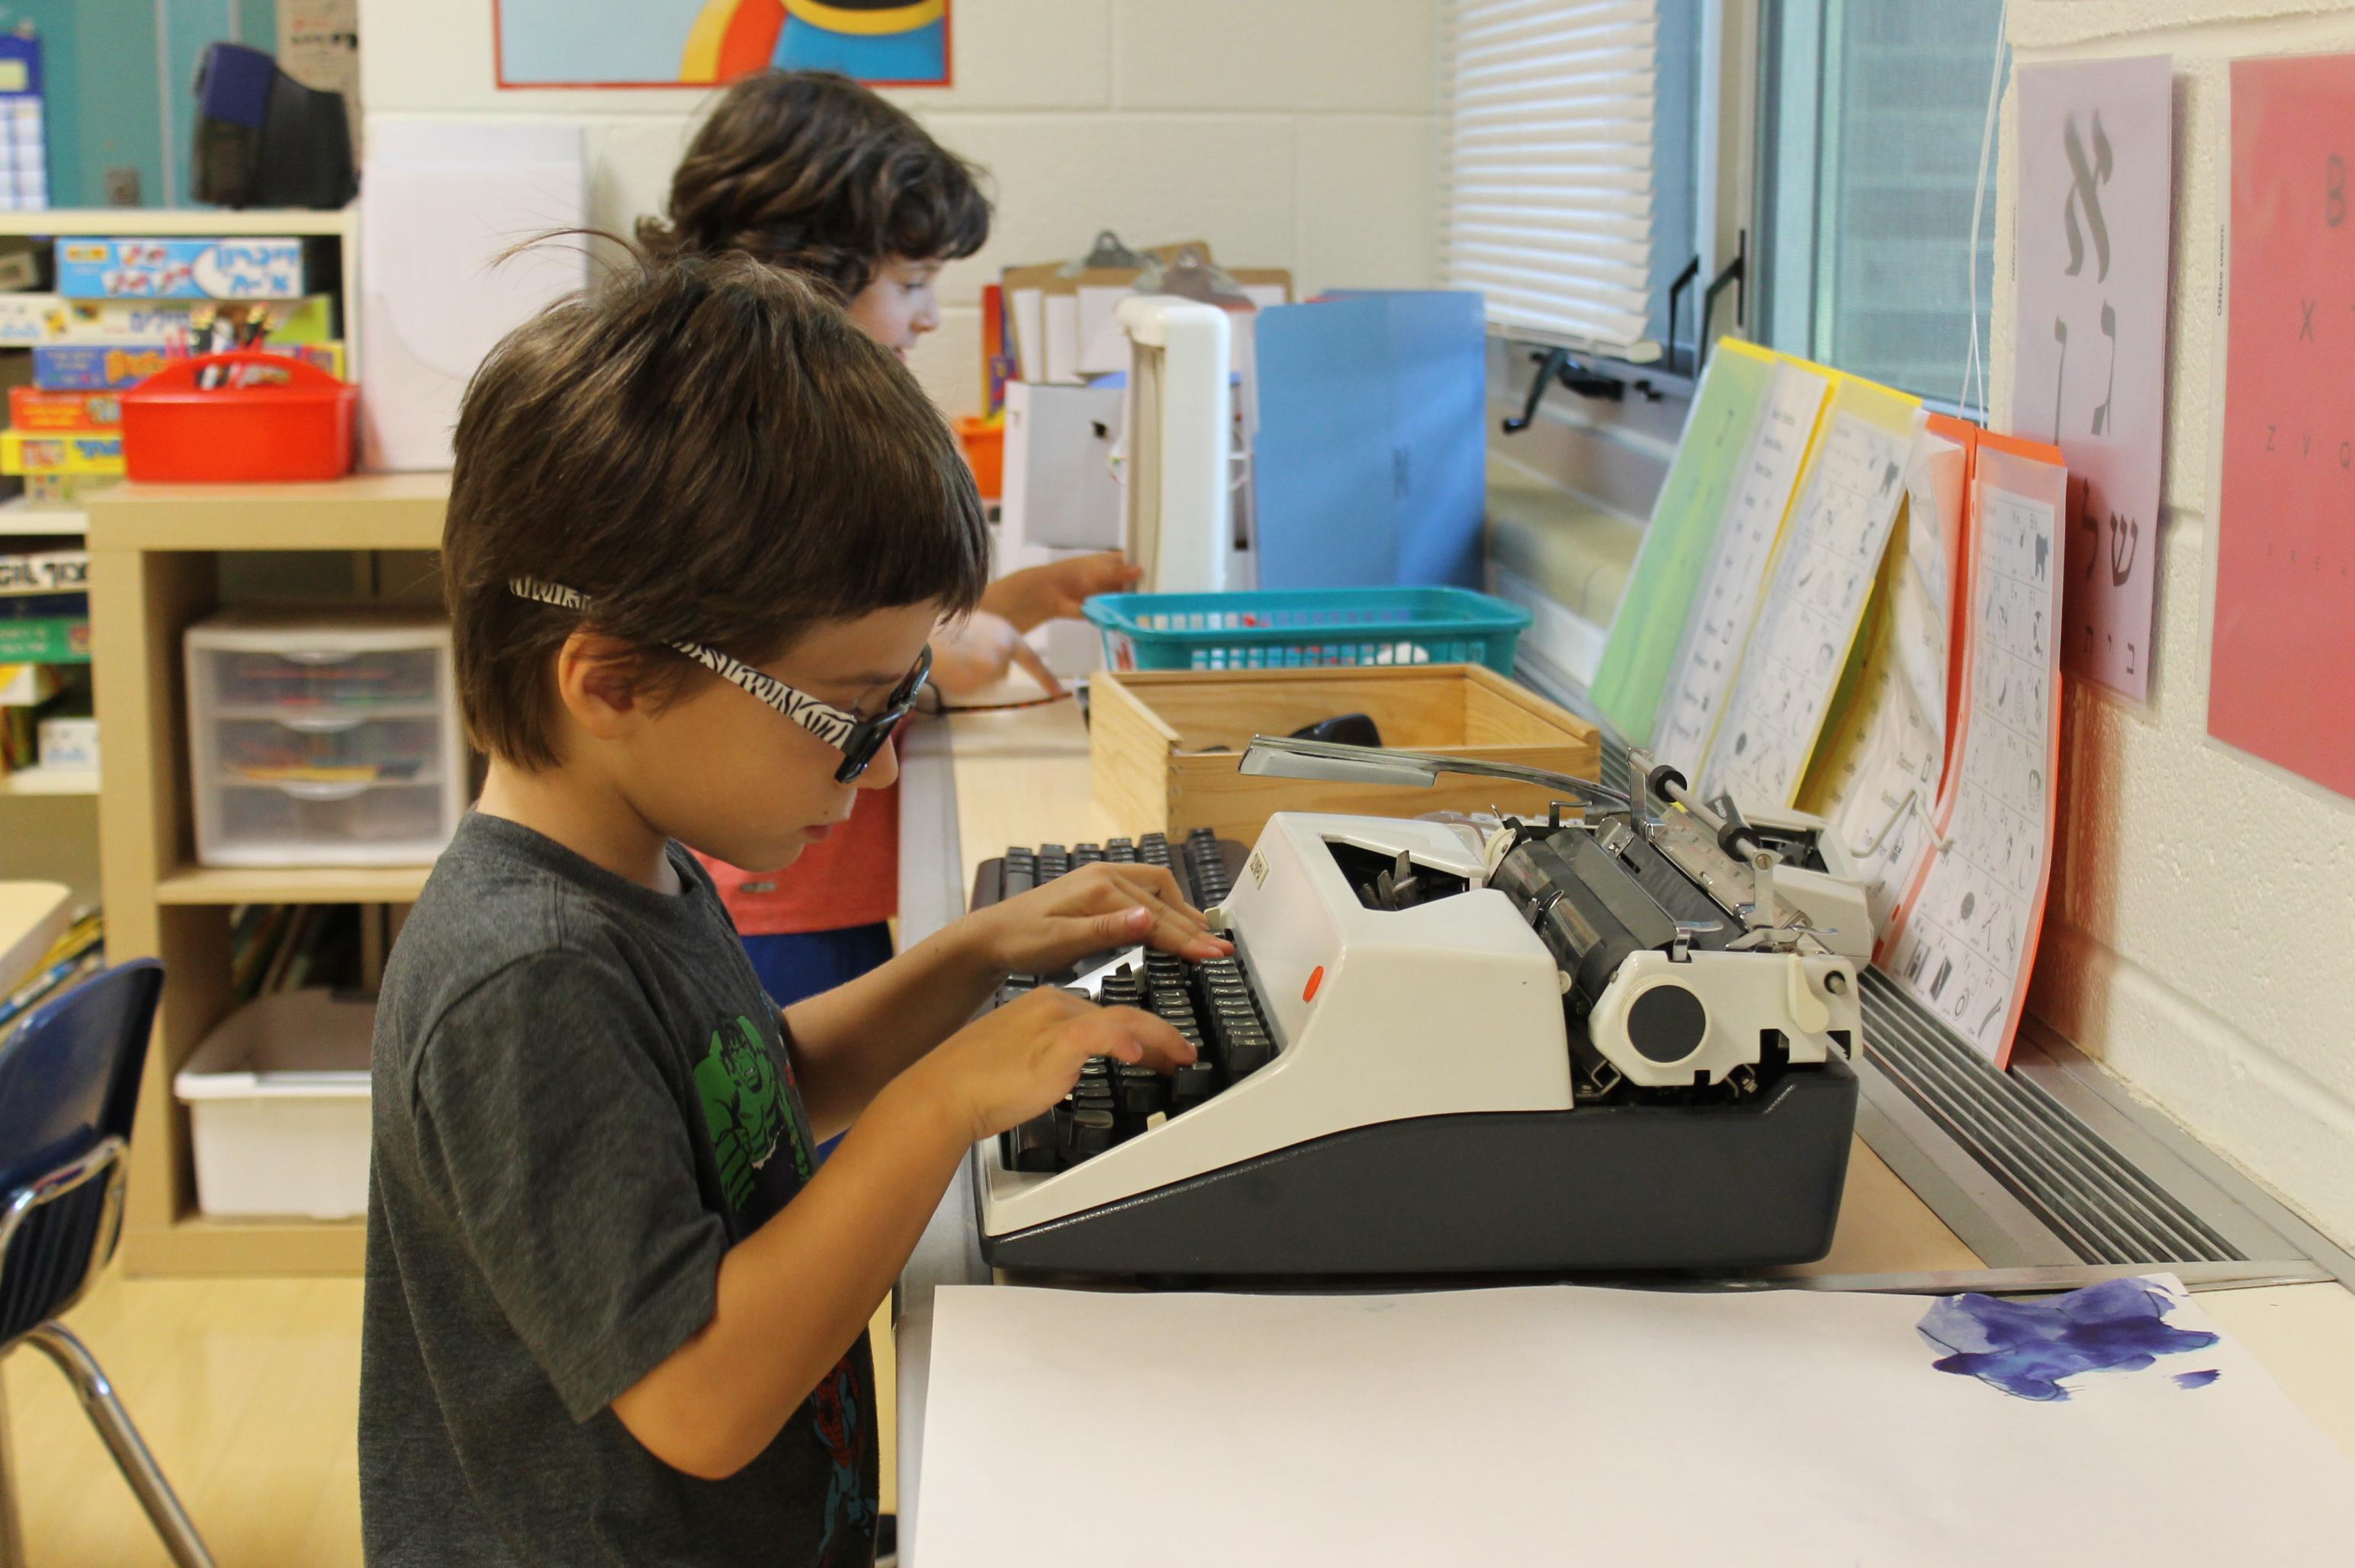 Student at Typewriter